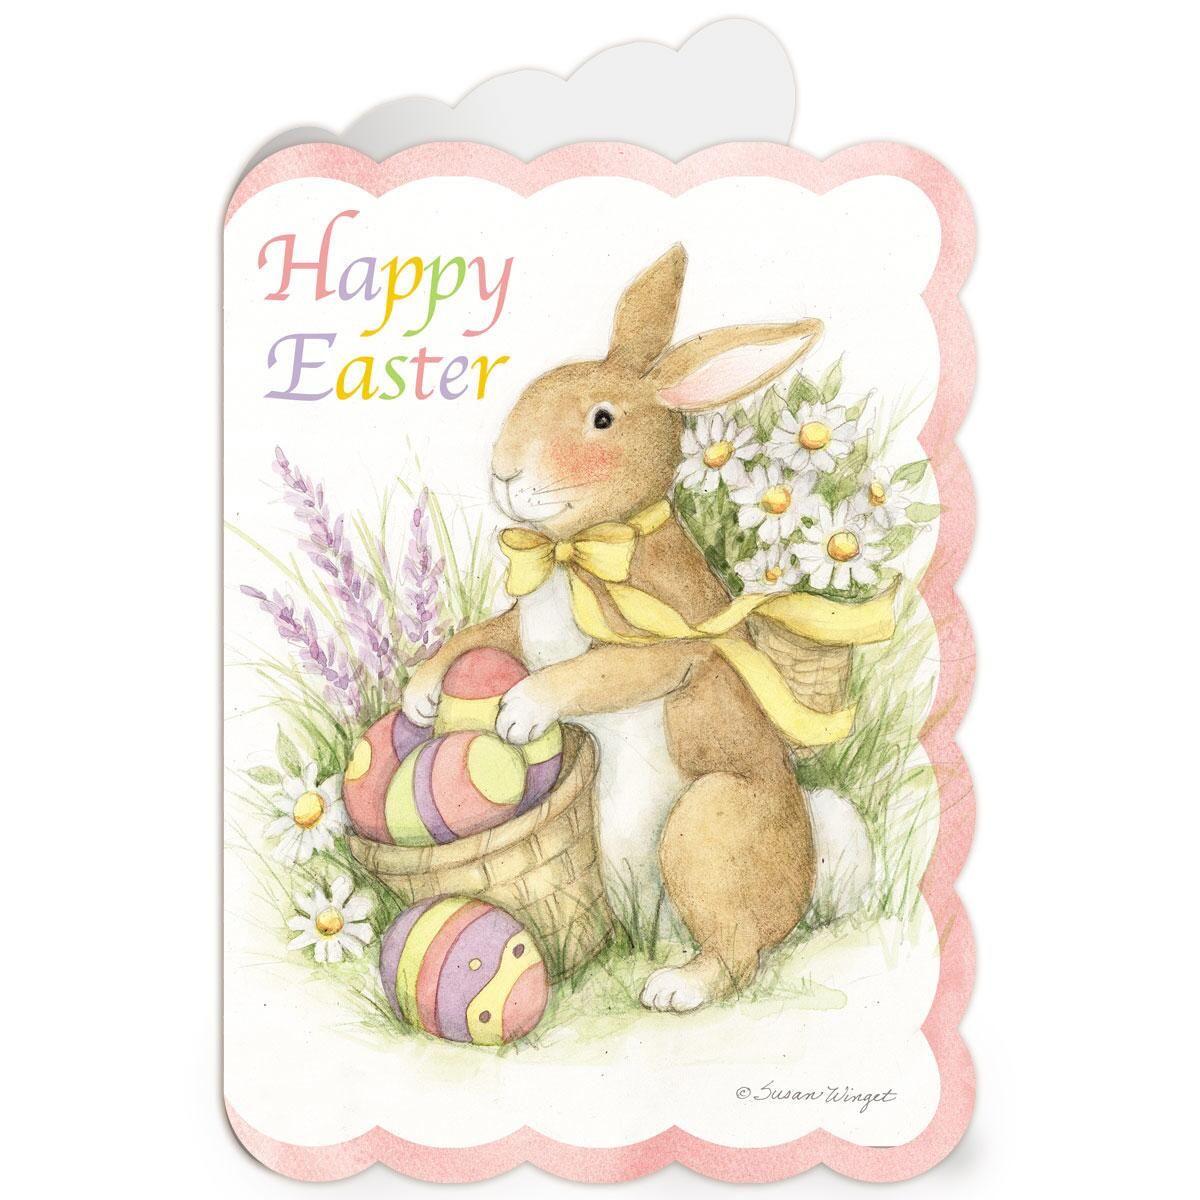 Diecut Bunny Easter Cards